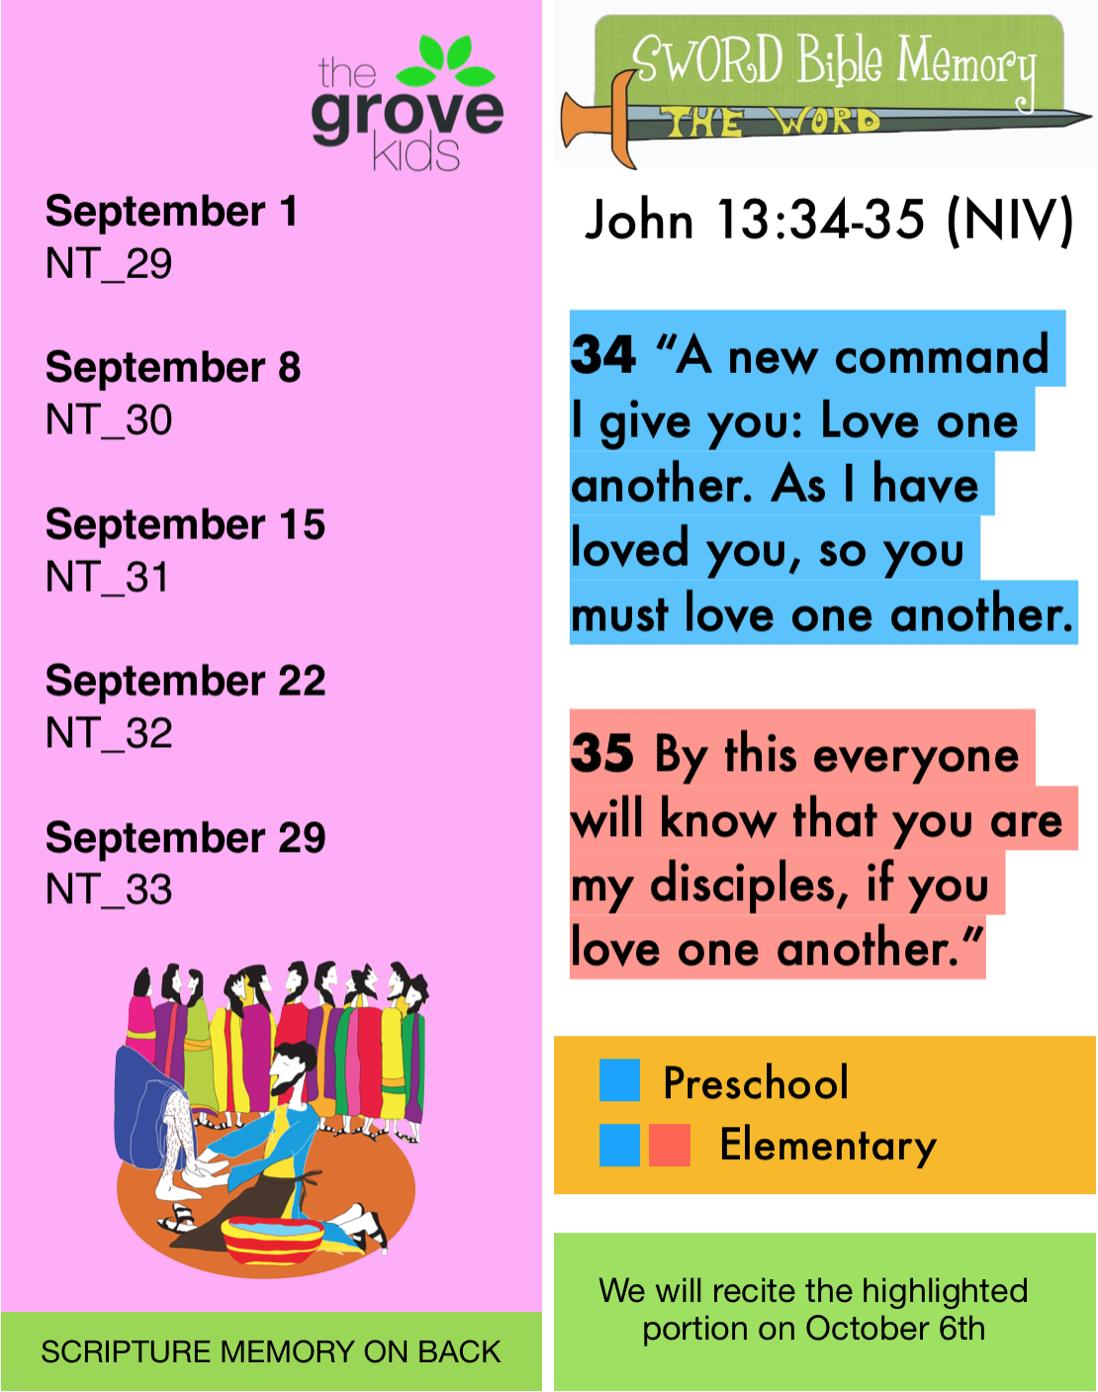 Sept19_online bookmark.png